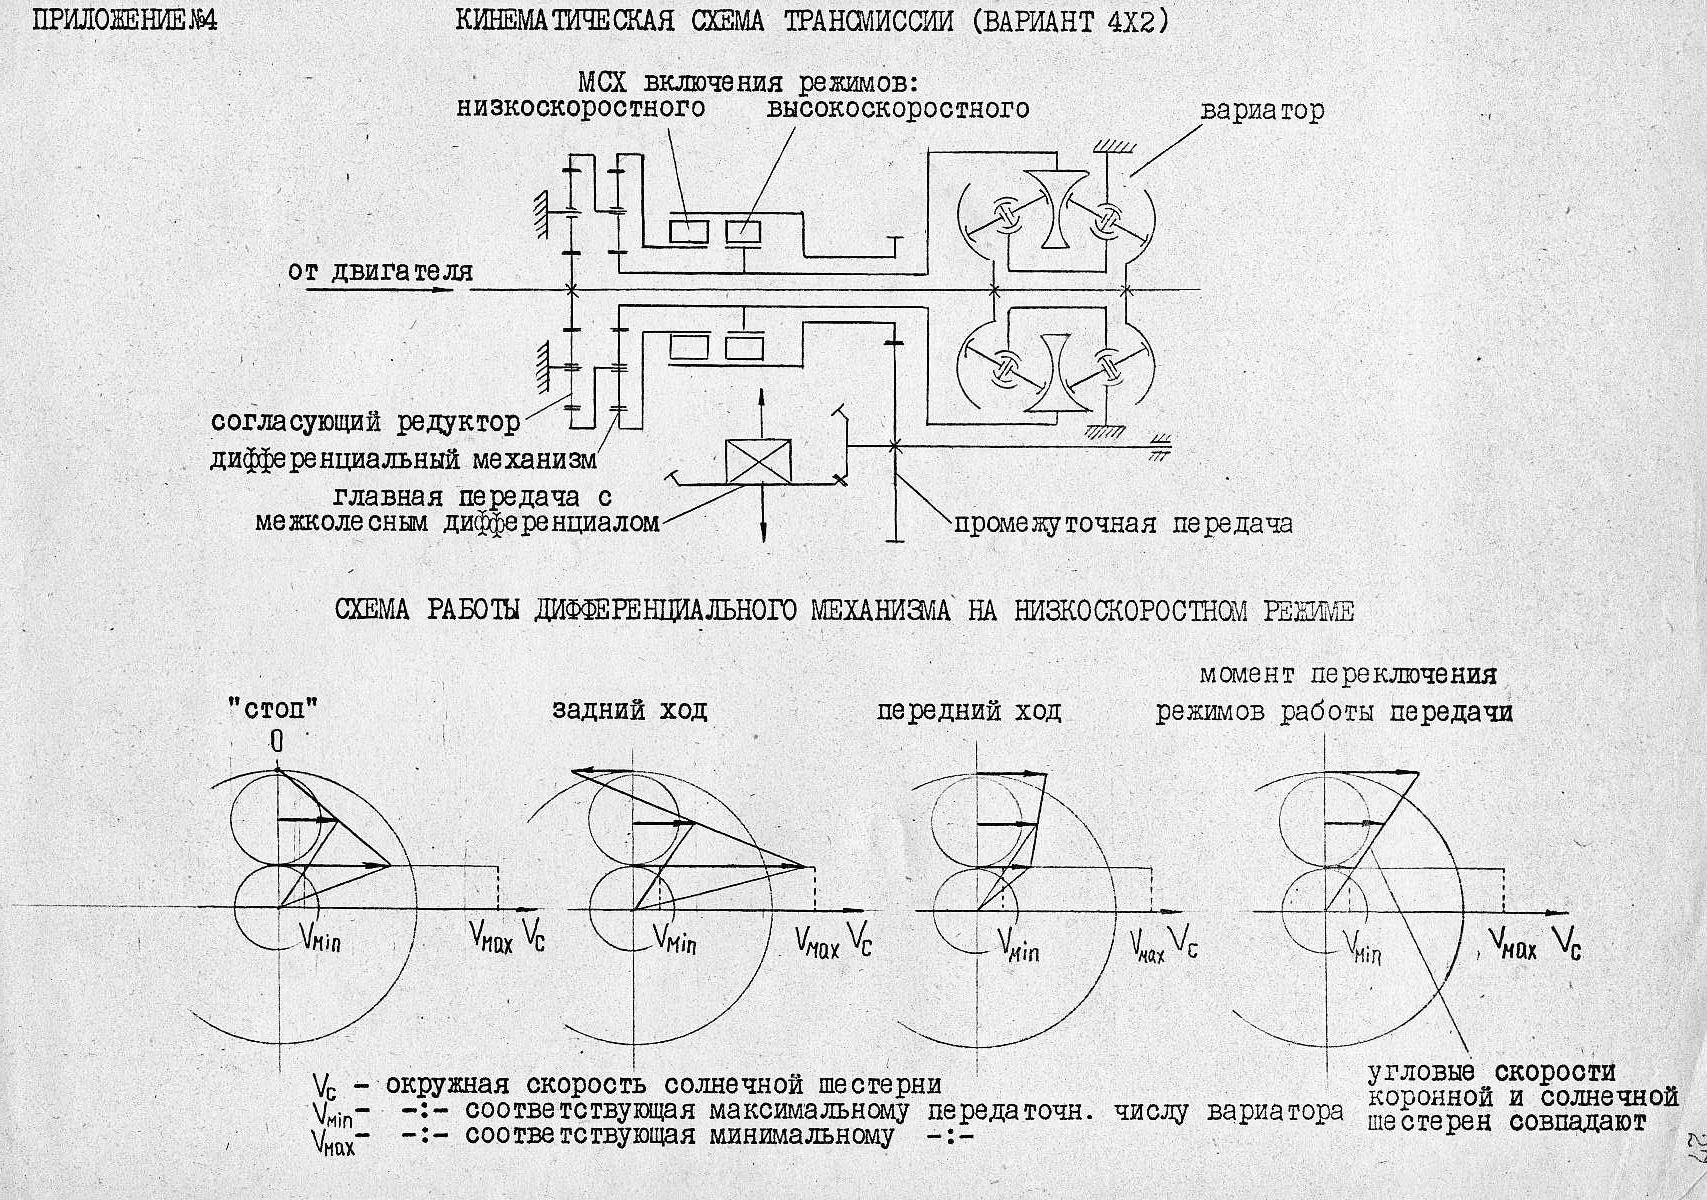 Кинематическая схема трансмиссии автомобиля Истра АЗЛК-2144.